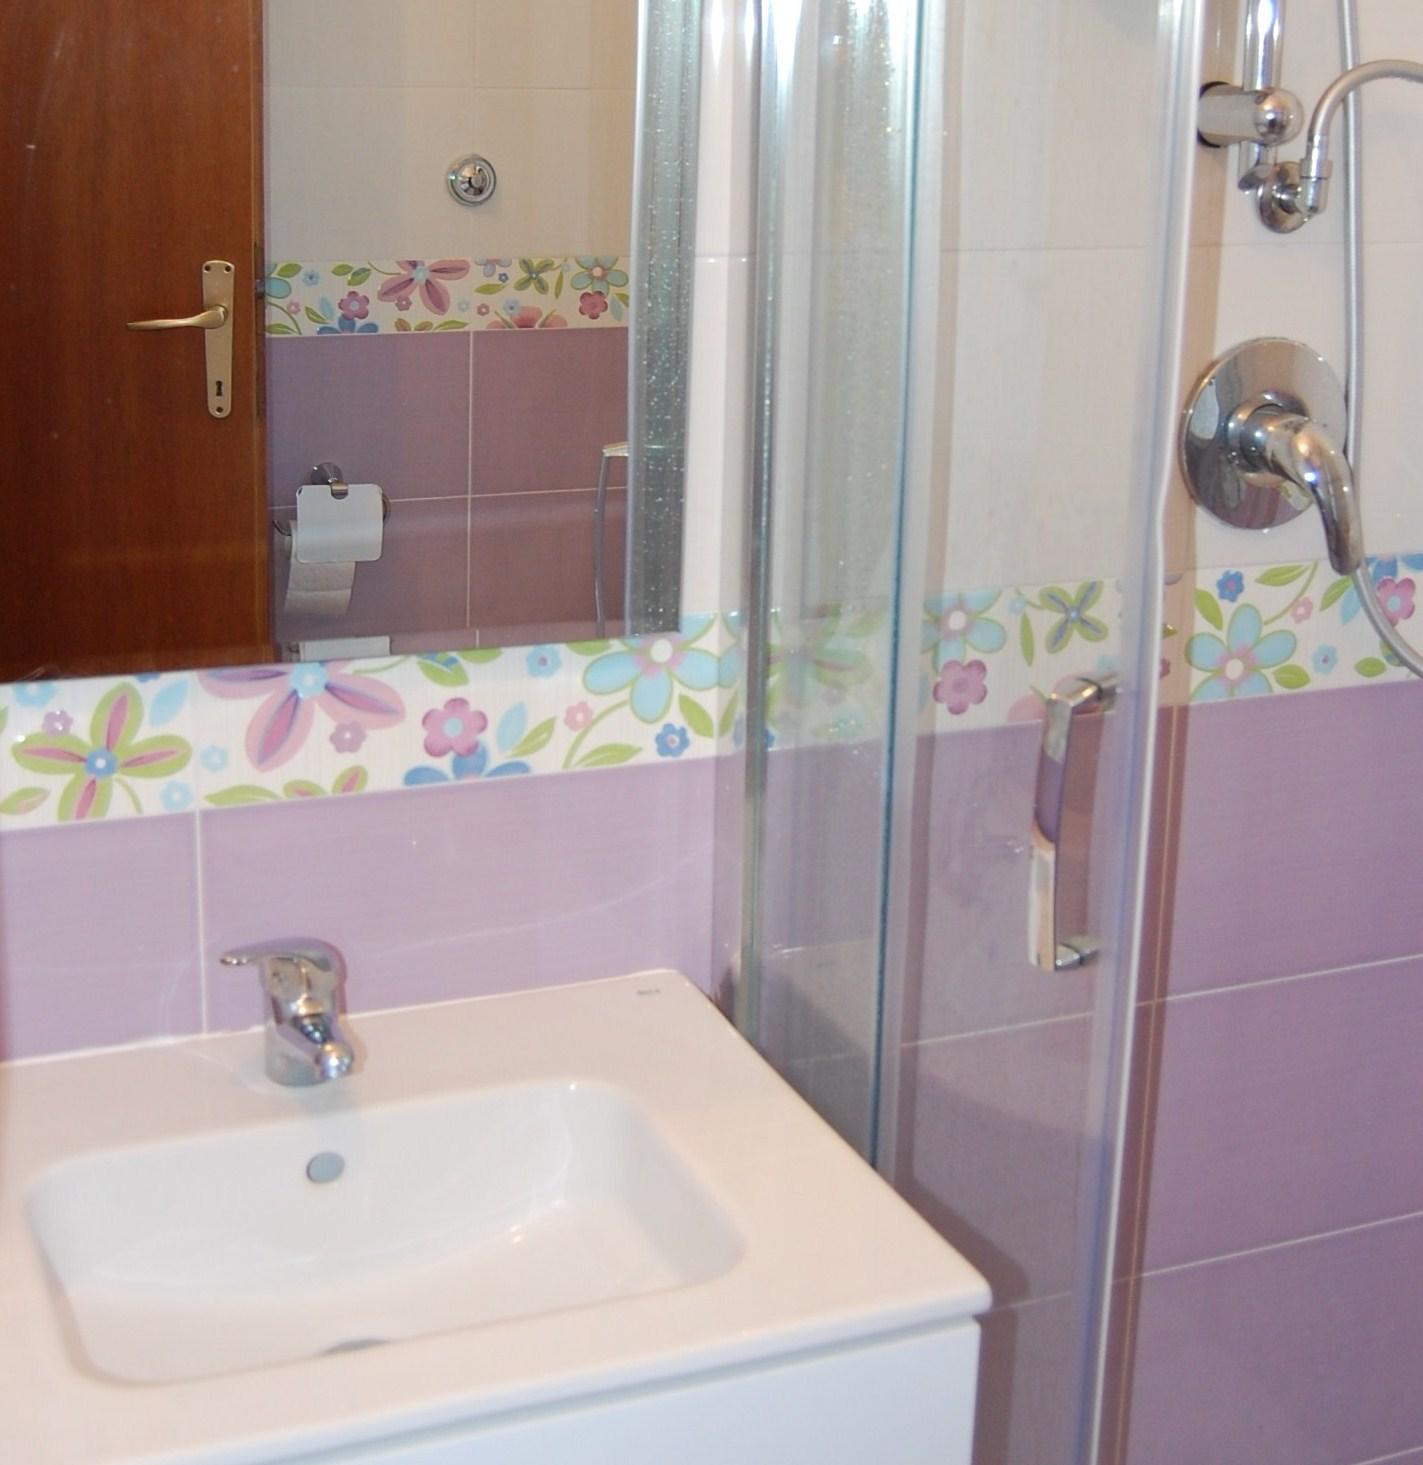 affitto villa mare sarroch 5236 (20130524110528-2013-57453-NDP.jpg)